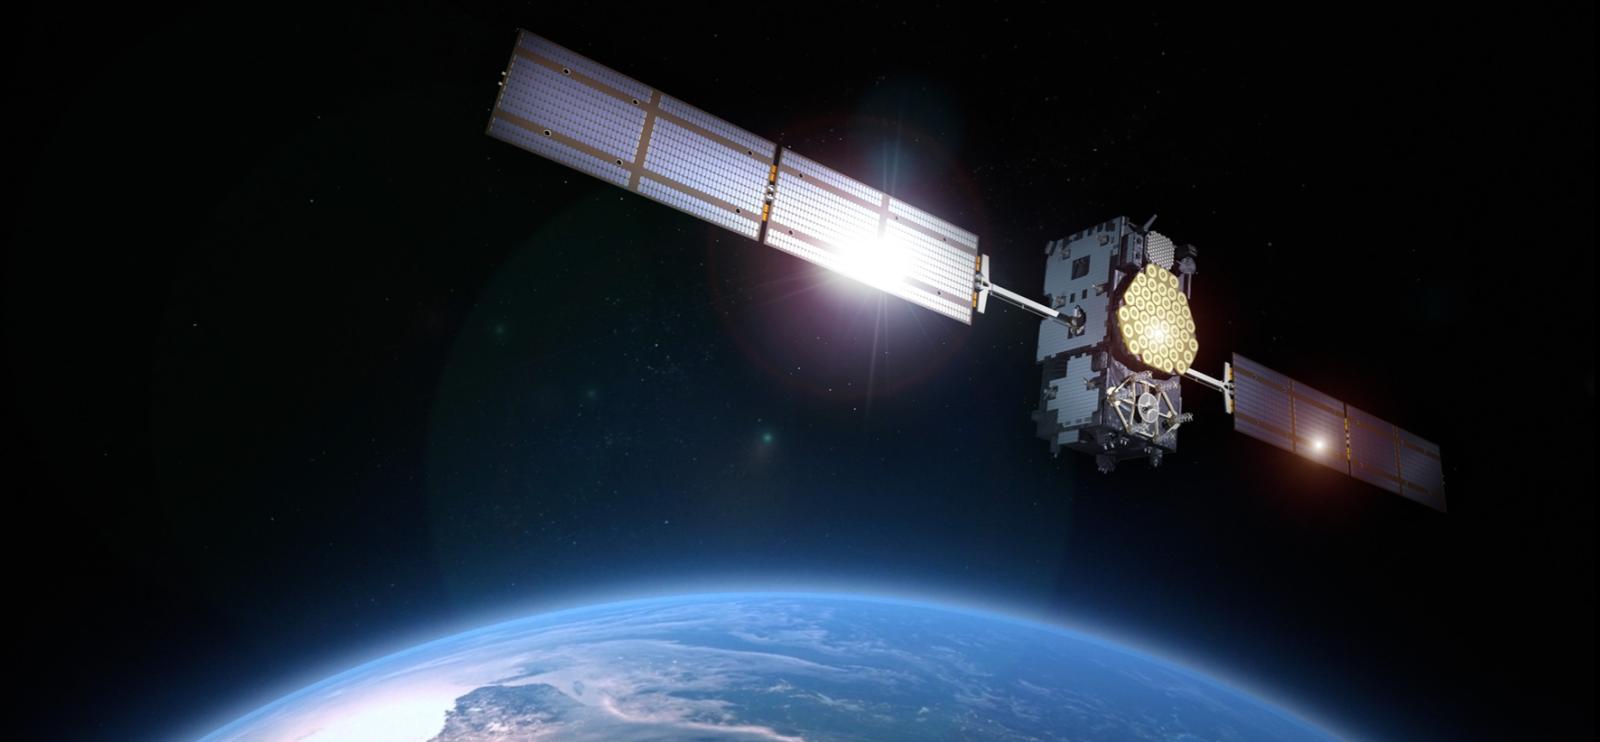 你是否想参与航天遥操作软件开发?UE4 C++开发工程师招聘